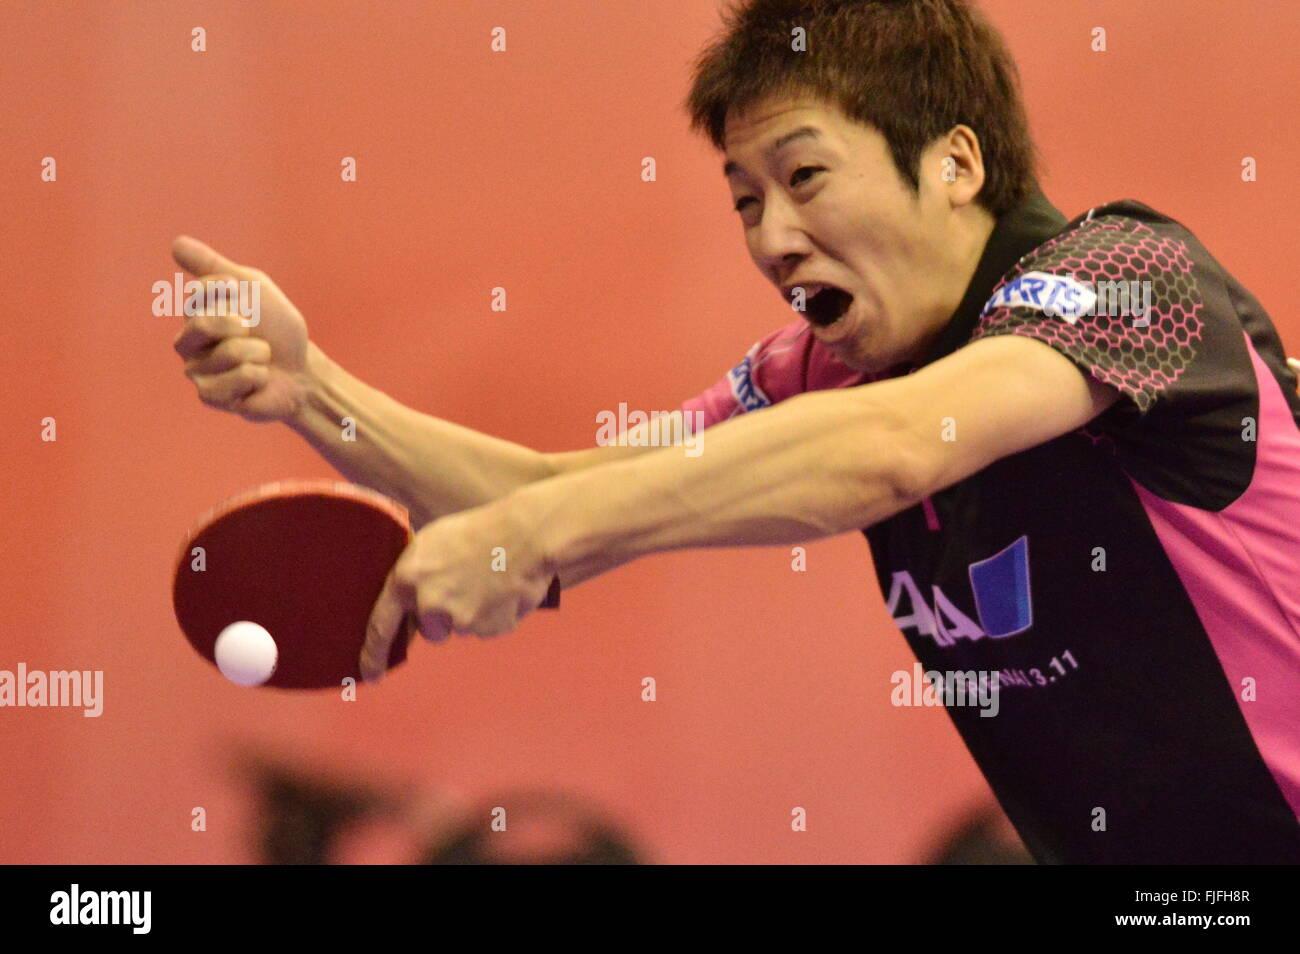 Kuala Lumpur, Malesia. 2 Mar, 2016. Mizutanio Jun del Giappone compete contro Joao del Portogallo Monteiro durante Immagini Stock